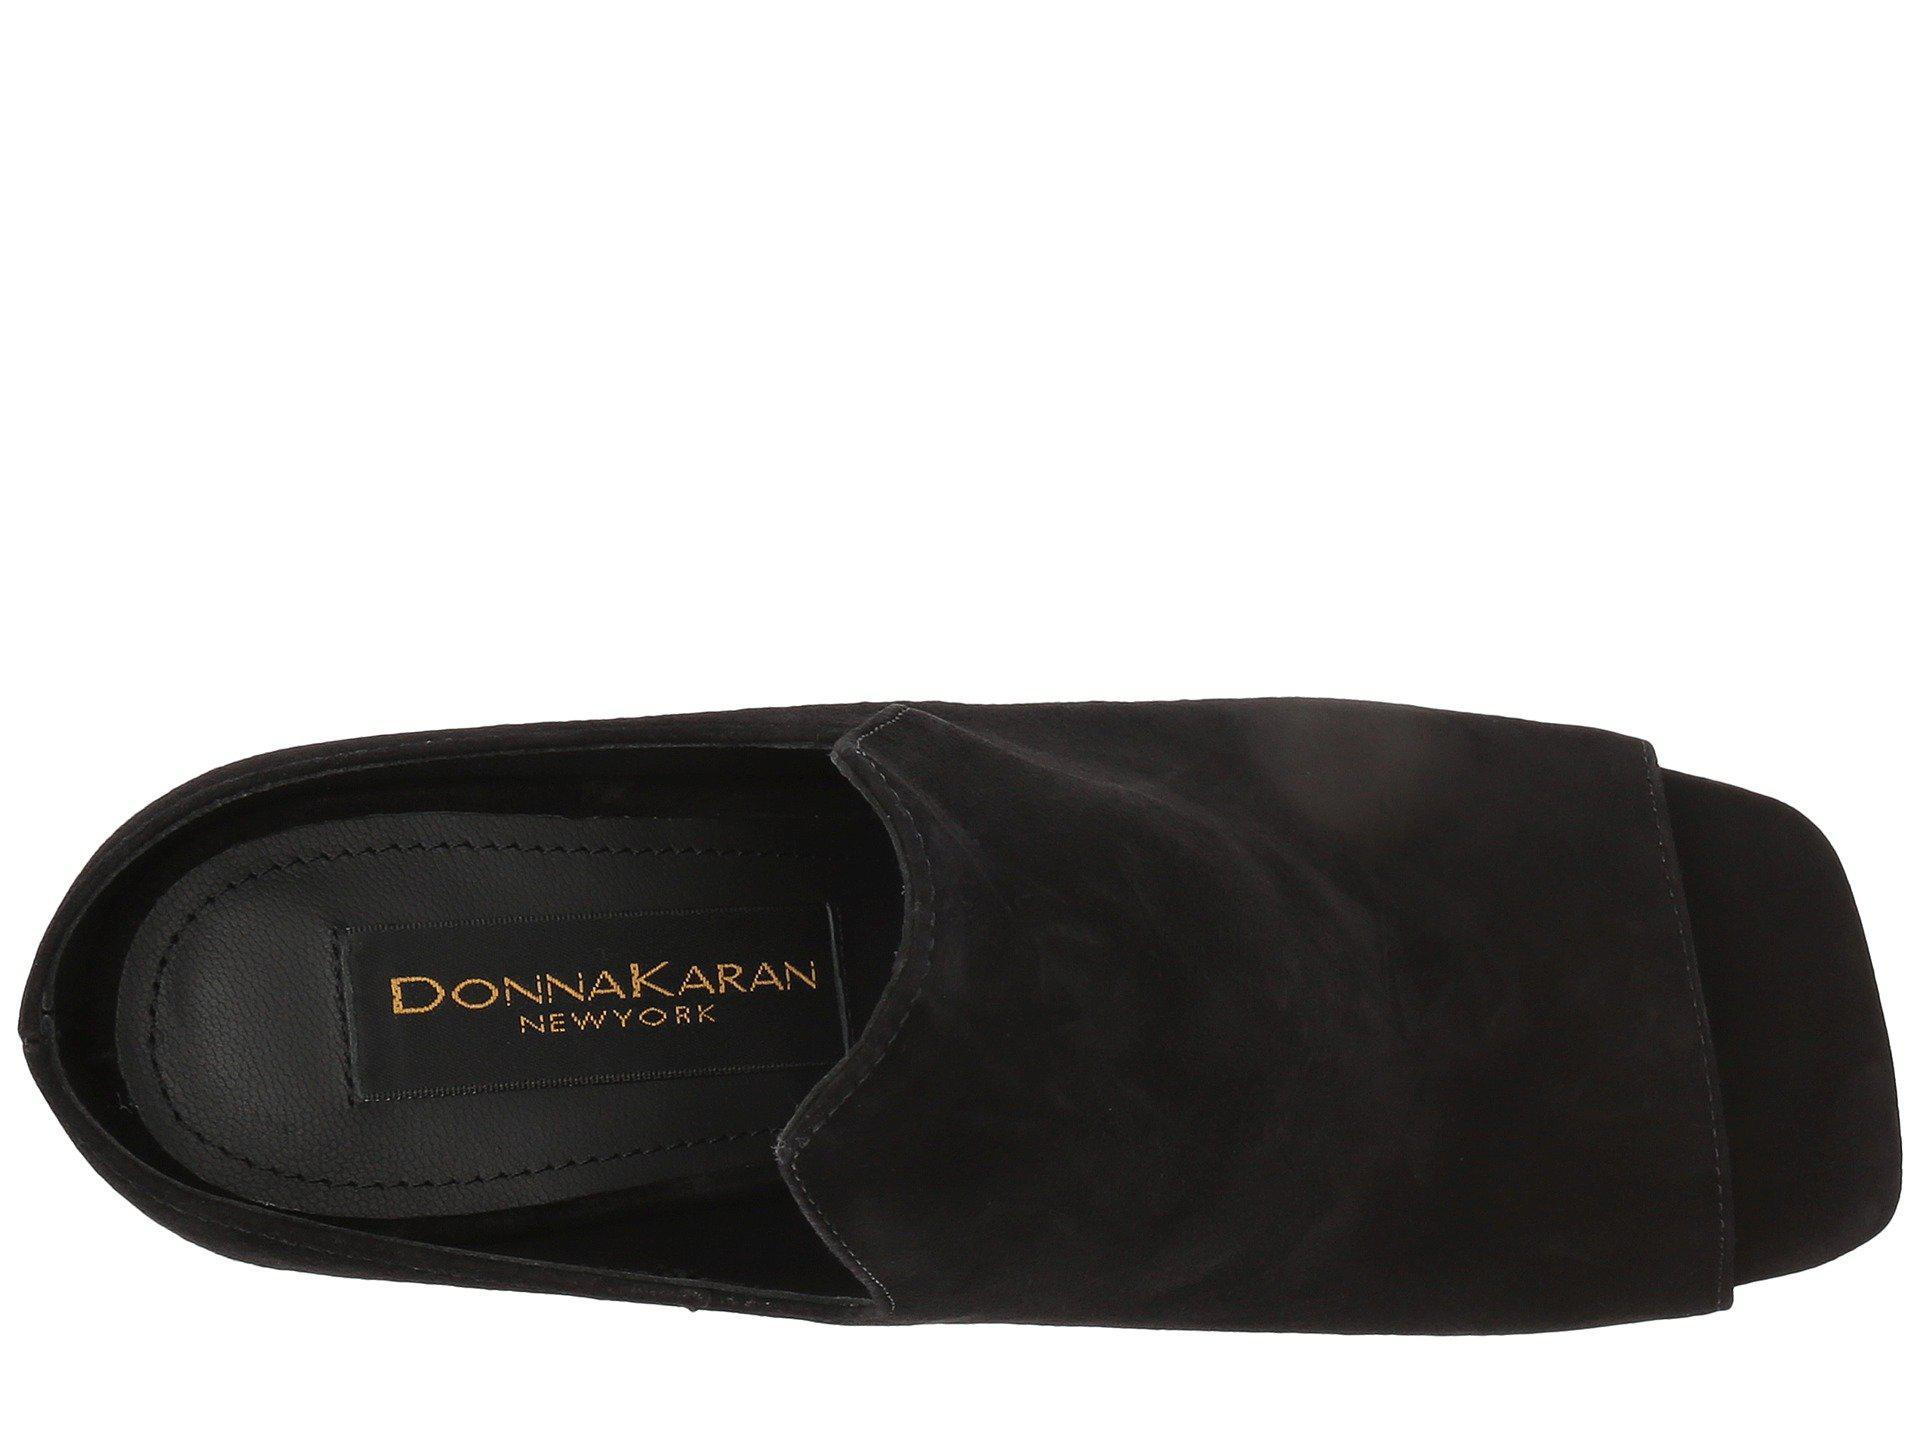 008e8d09dc9de Donna Karan Black Sutton Mule